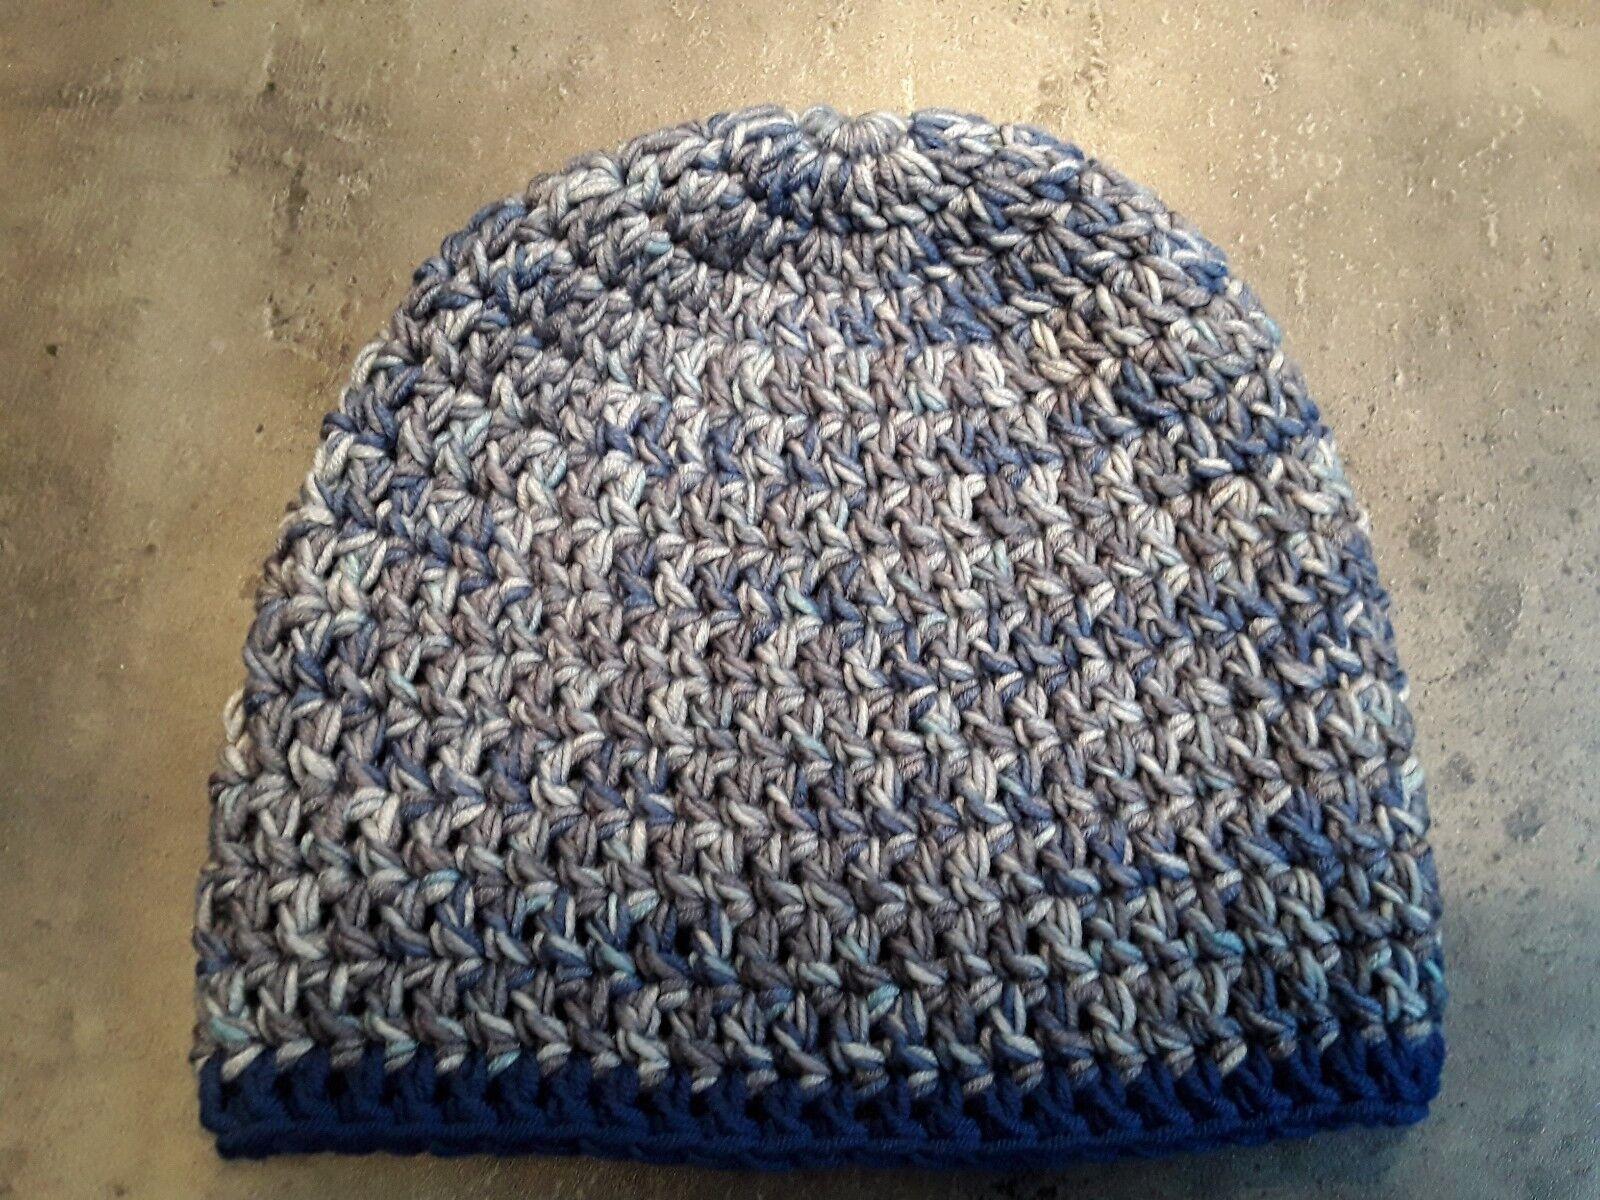 Herren winter mütze in my Boshi mit merino wolle von Lana grossa Gehäkelt